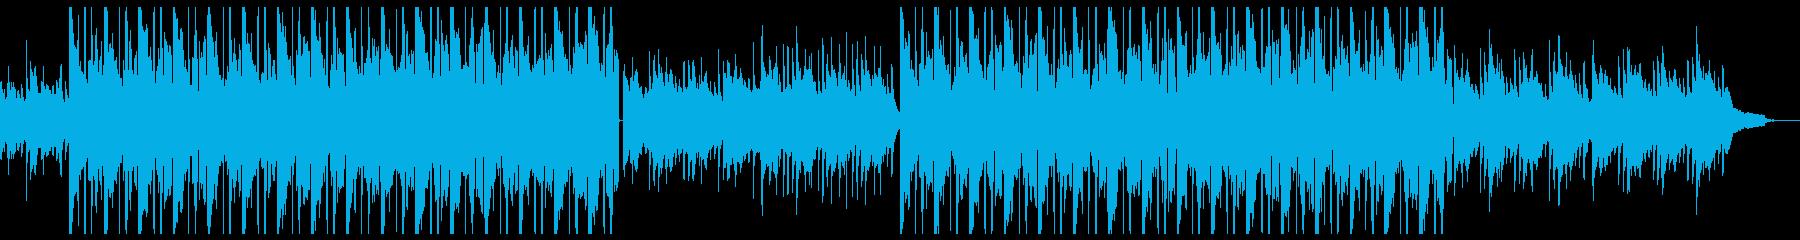 シズル感たっぷりのチル系ヒップホップの再生済みの波形